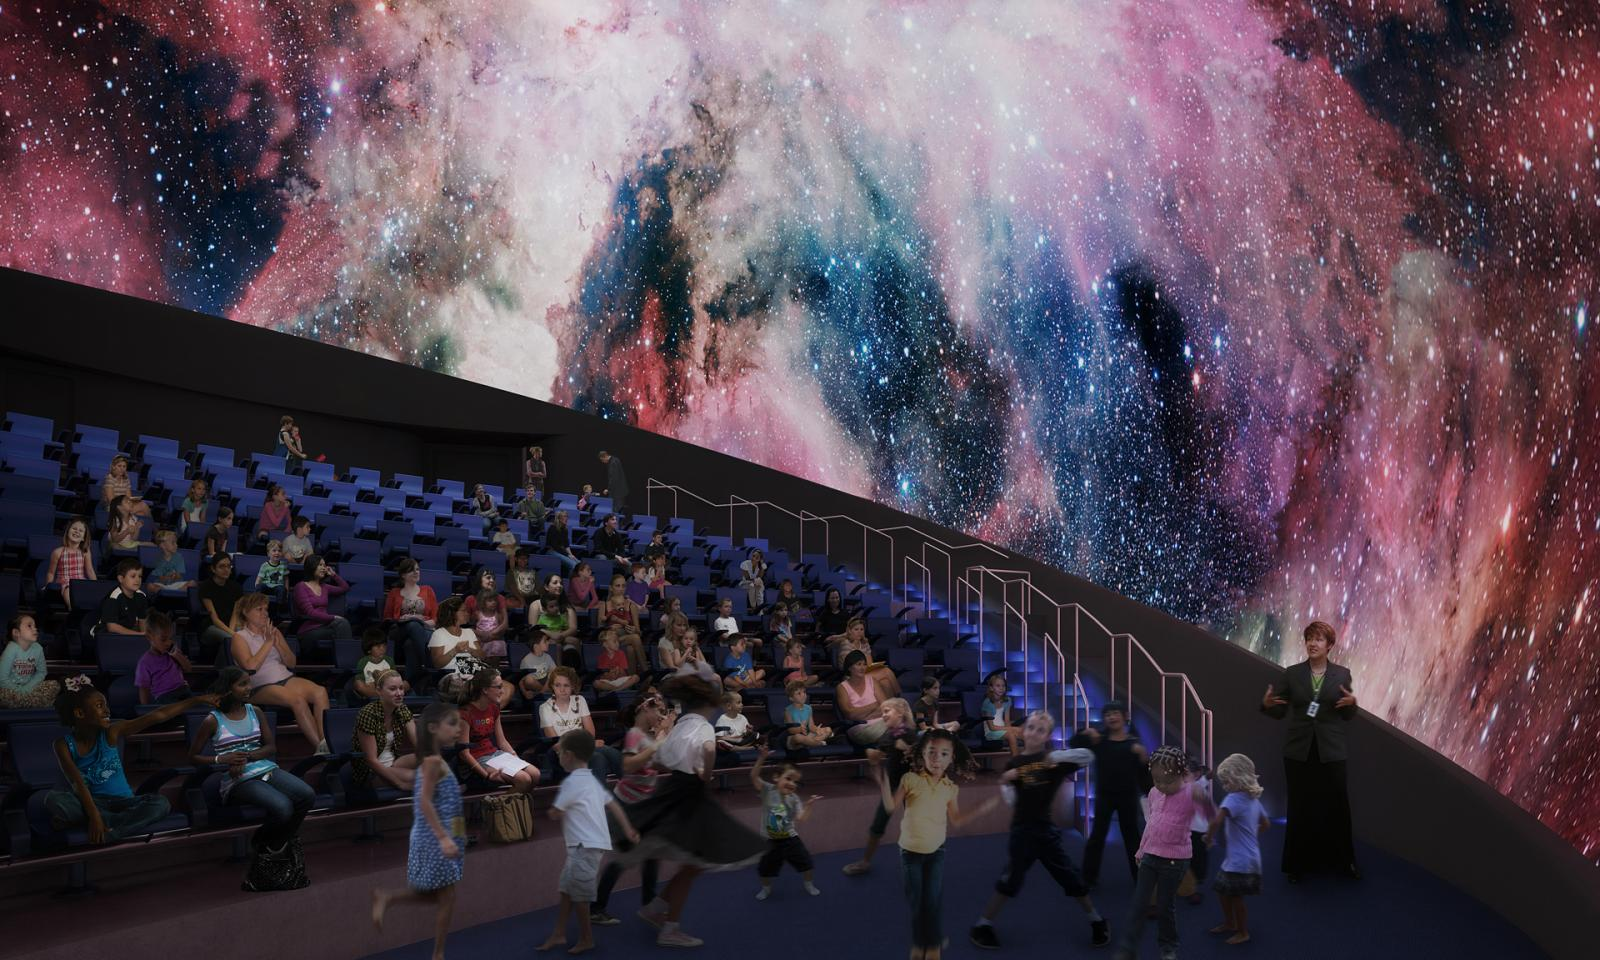 El moderno planetarium del museo de ciencias de Miami